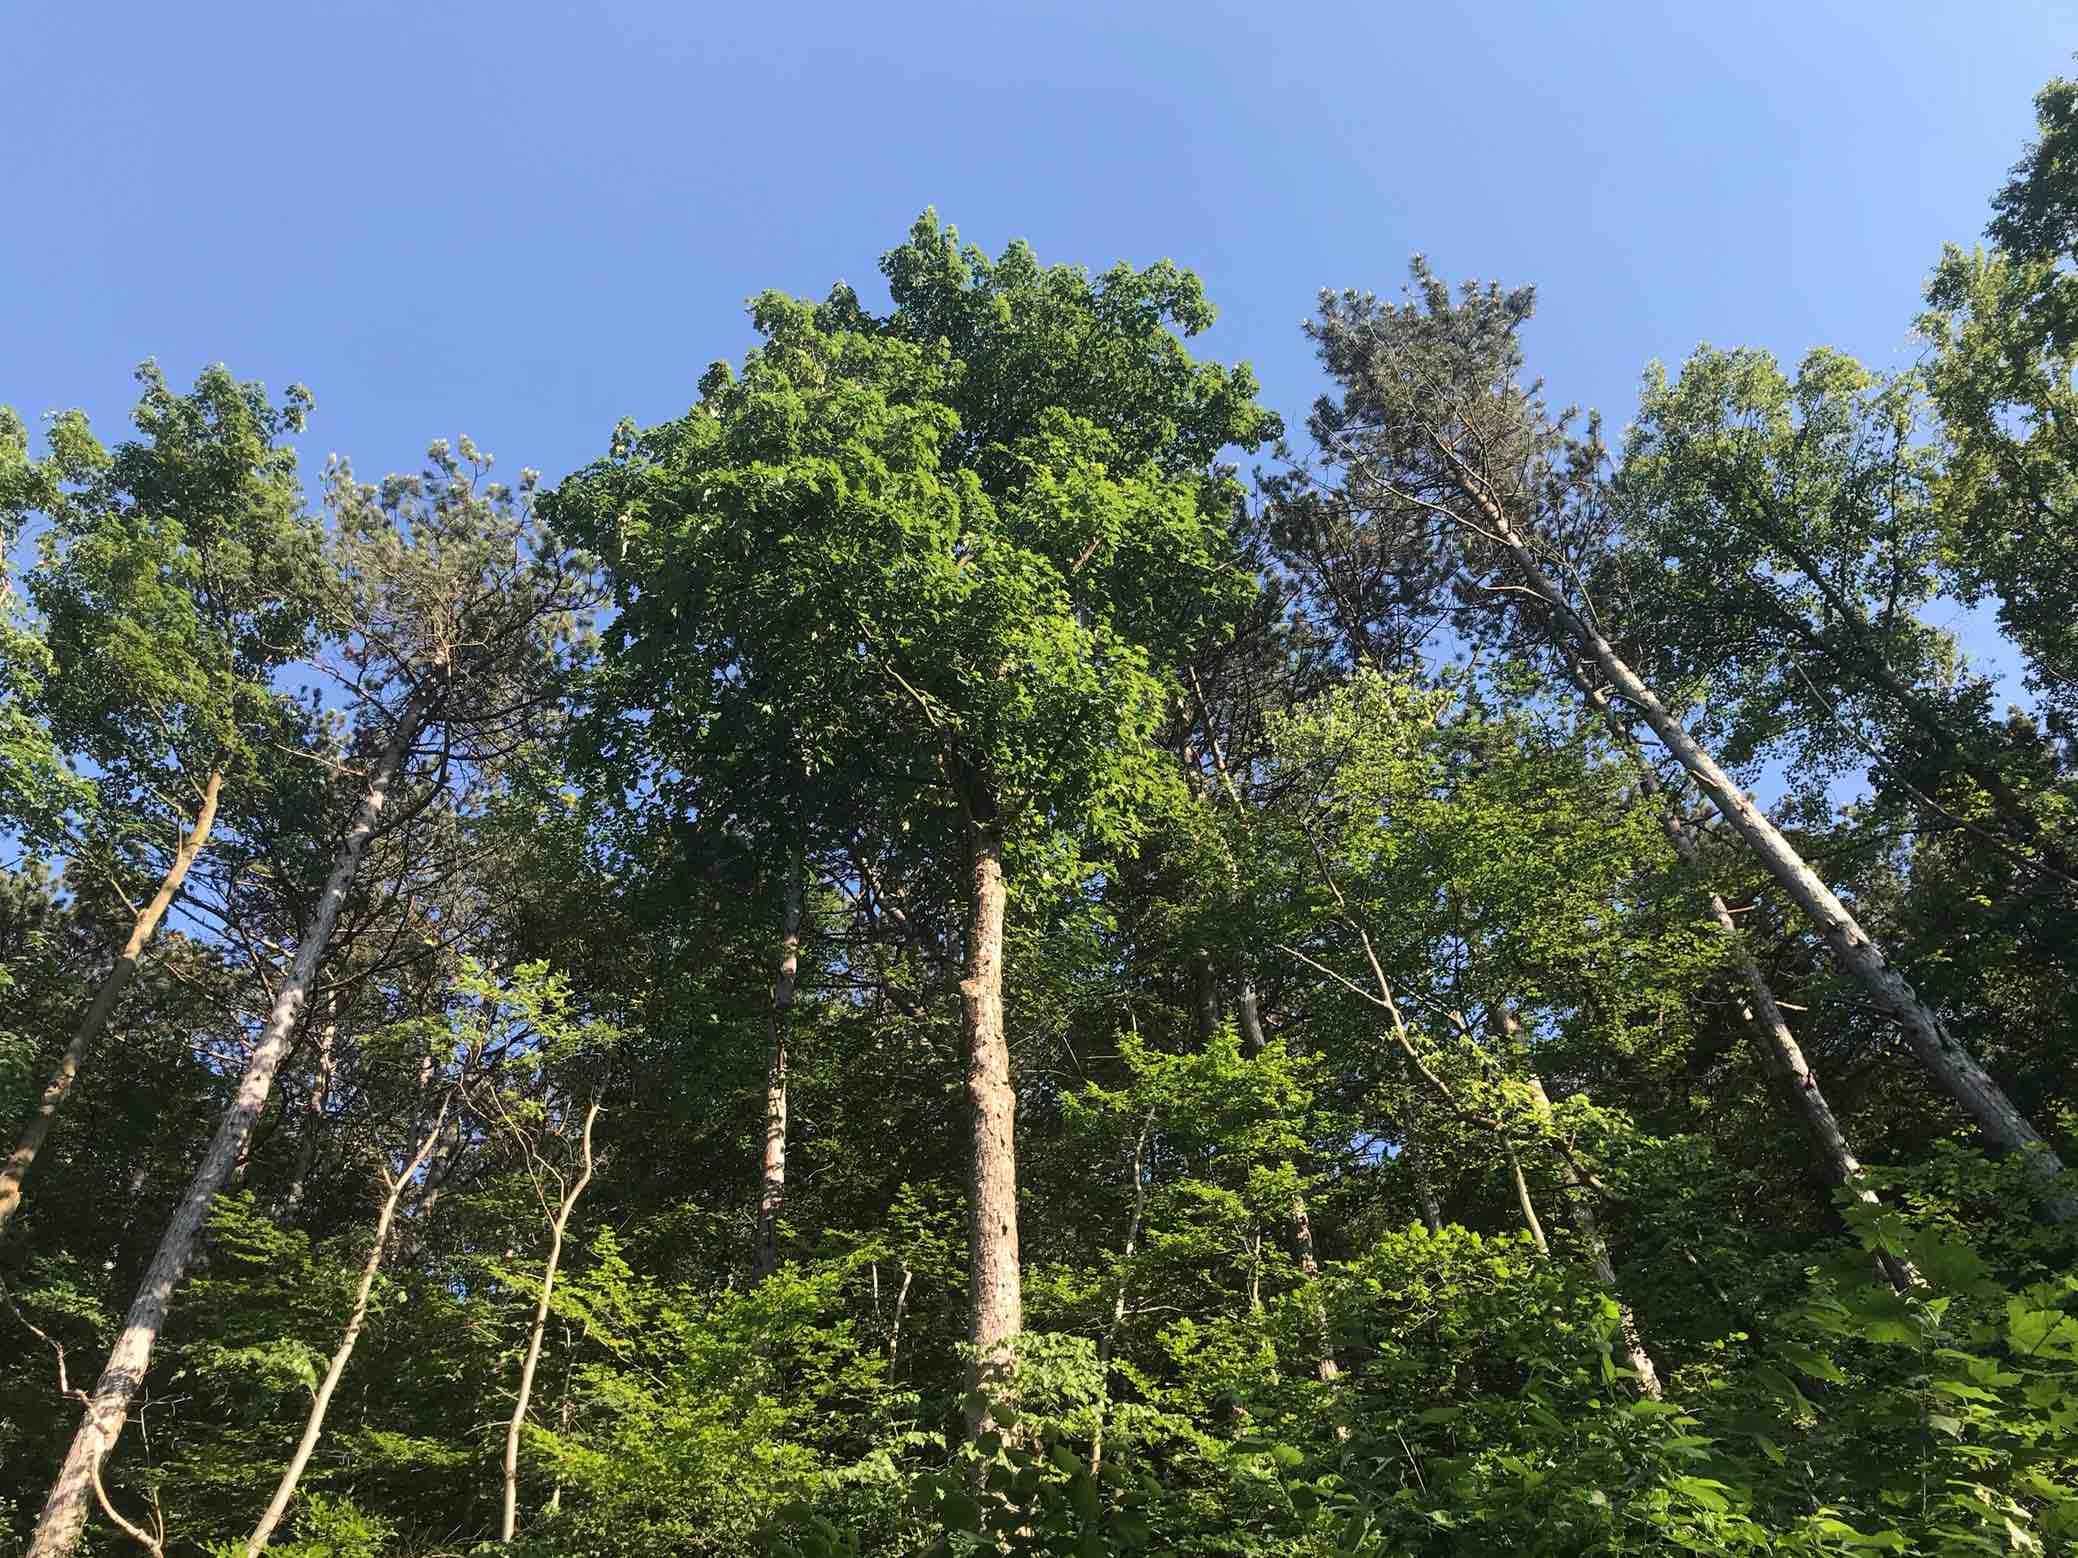 Wald blauer Himmel Natur